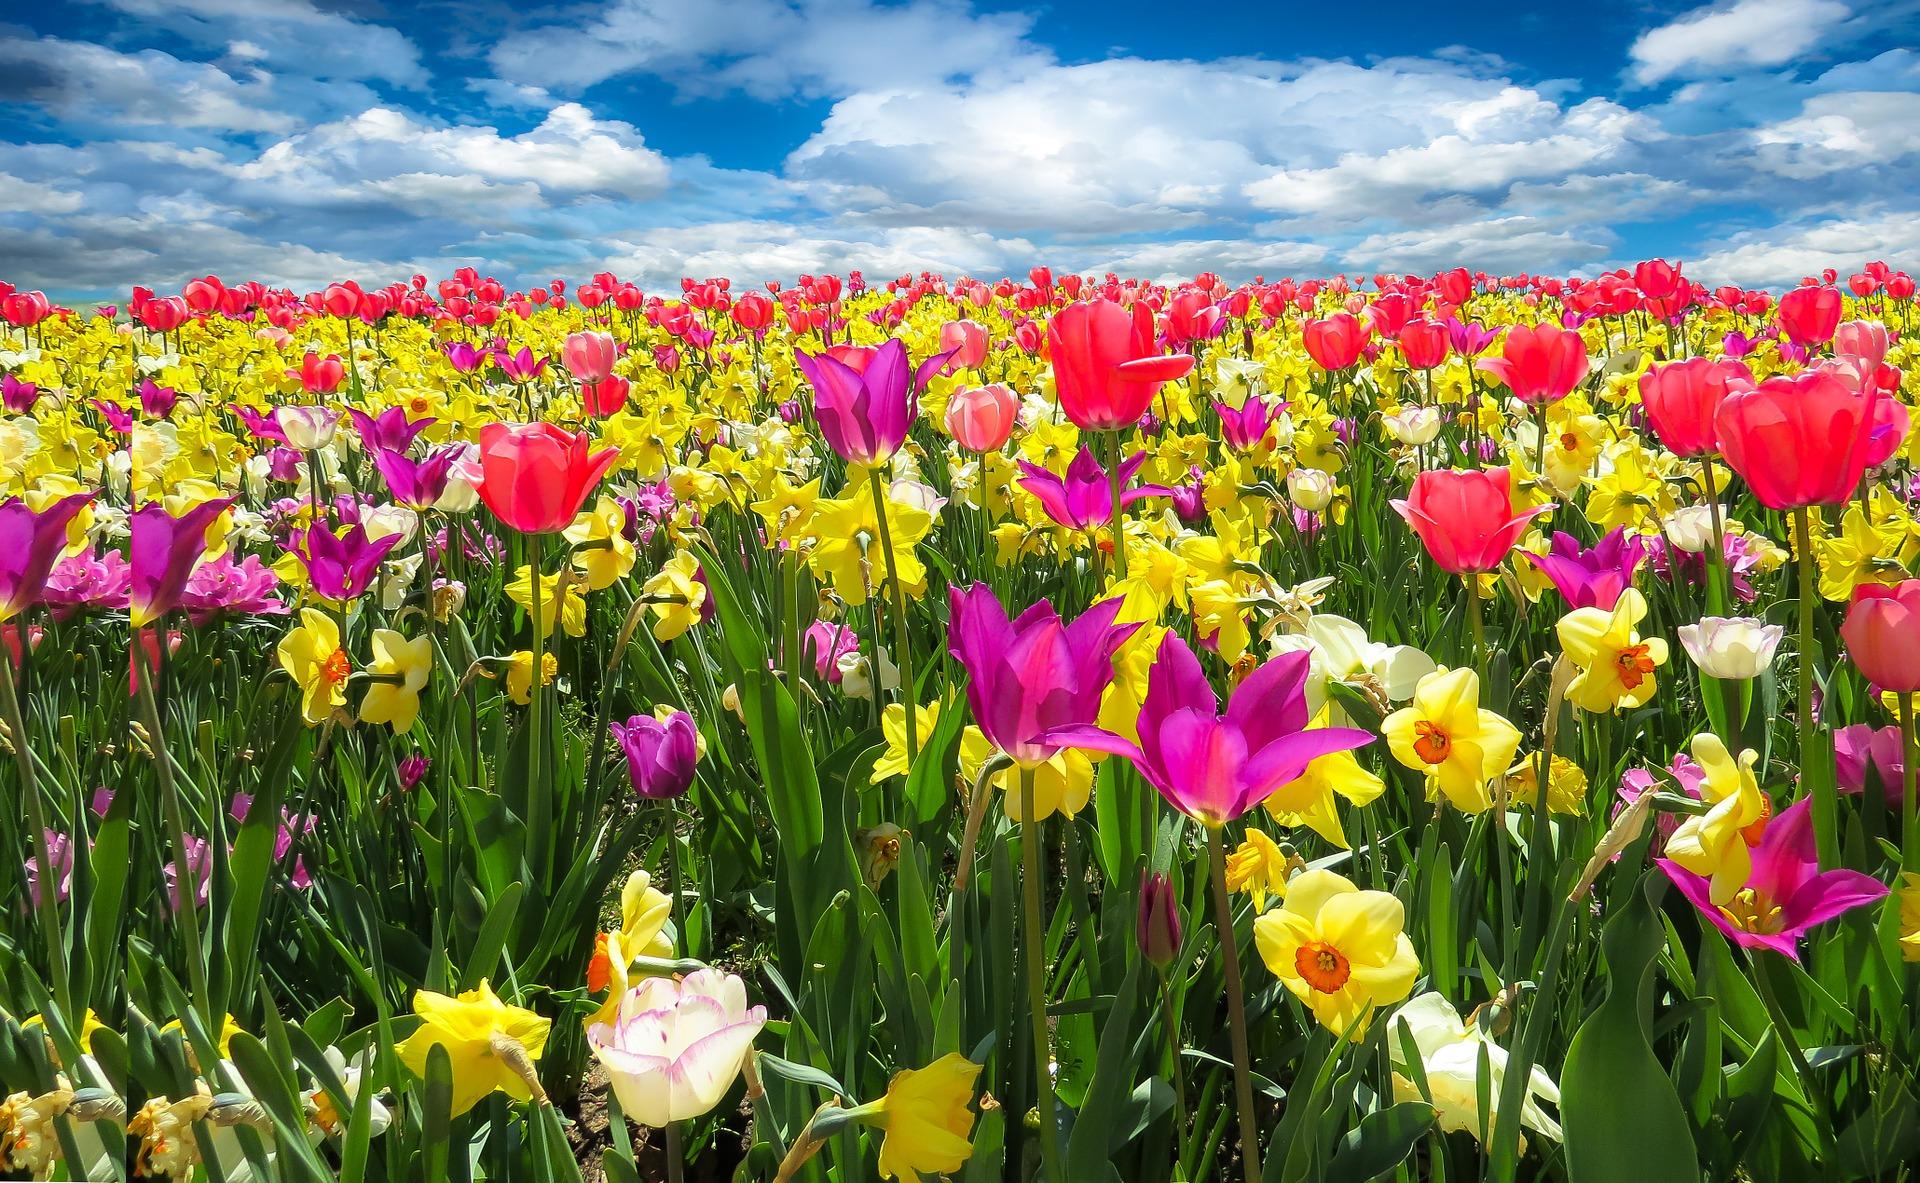 spring-awakening-1197602_1920.jpg